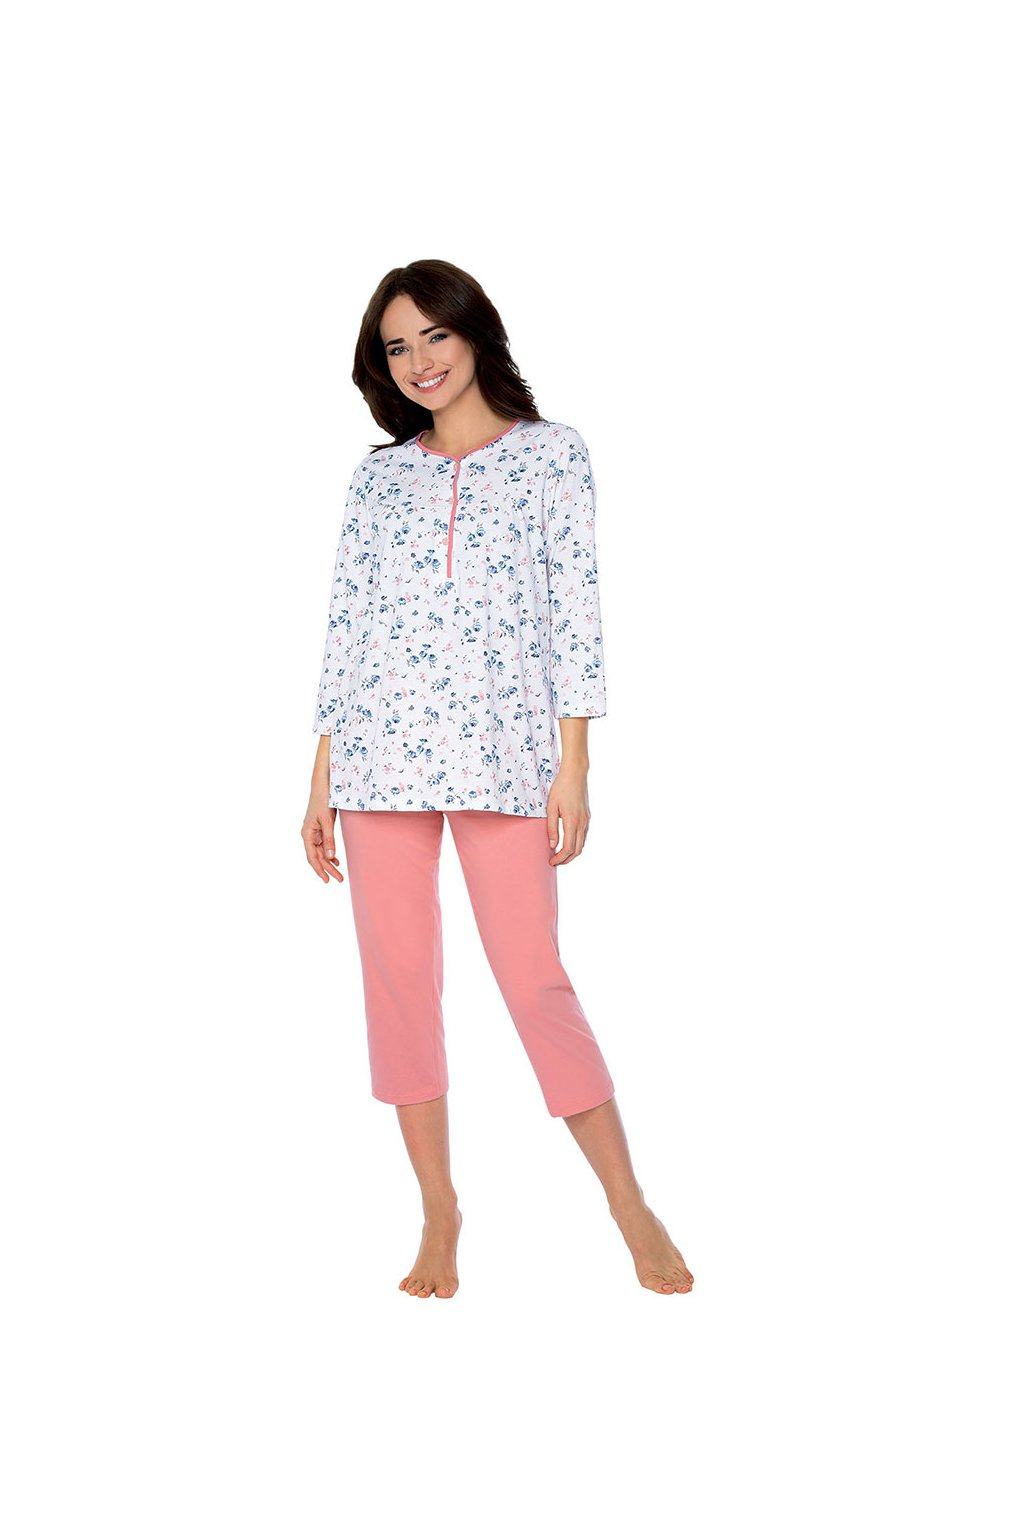 Dámské pyžamo s 3/4 rukávem, 104450 67, růžová